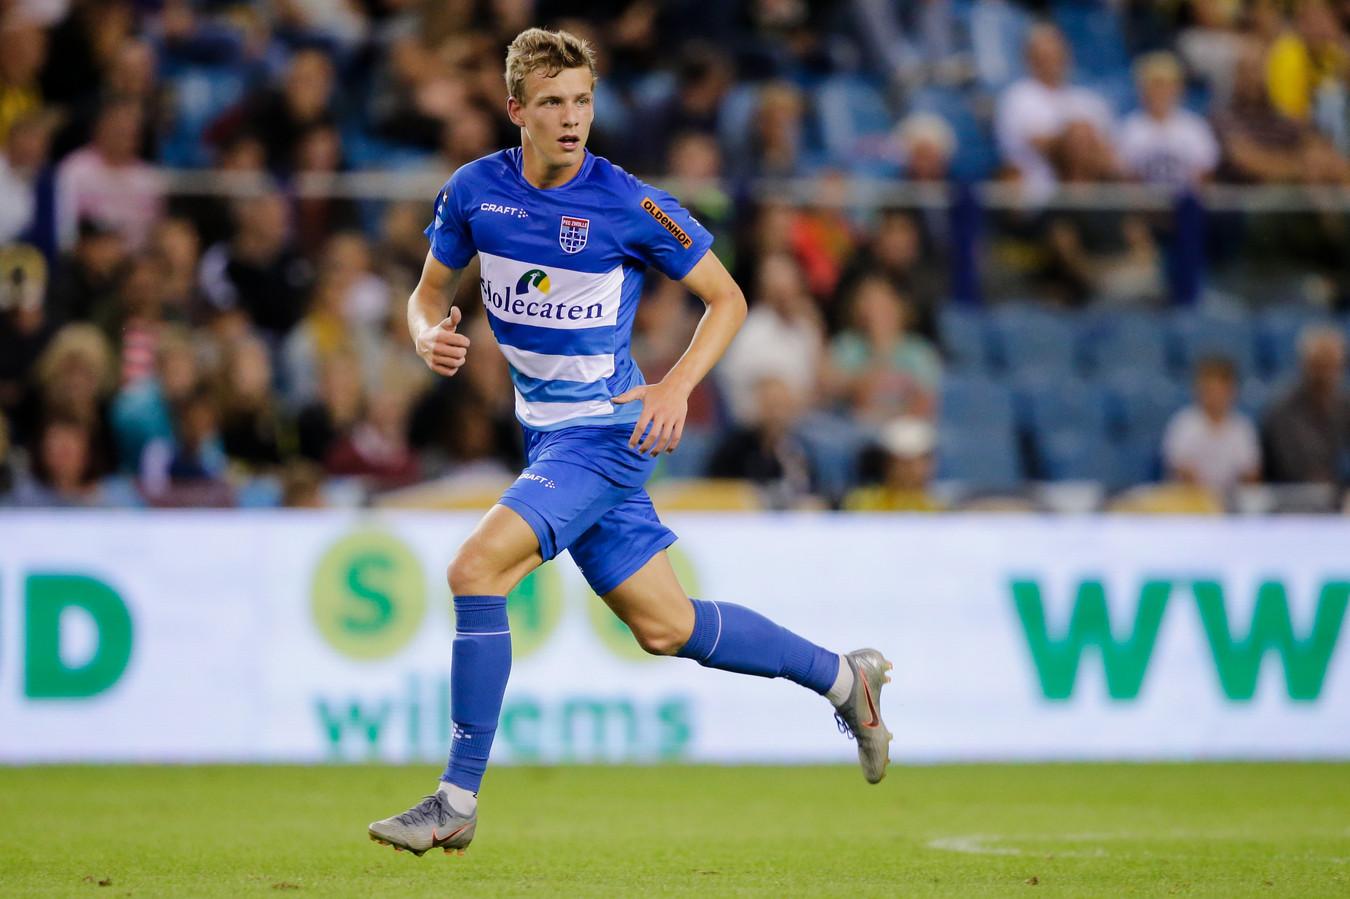 Jarno Westerman (17) heeft zijn toekomst verbonden aan PEC Zwolle door een eerste profcontract - tot medio 2022 - te signeren.